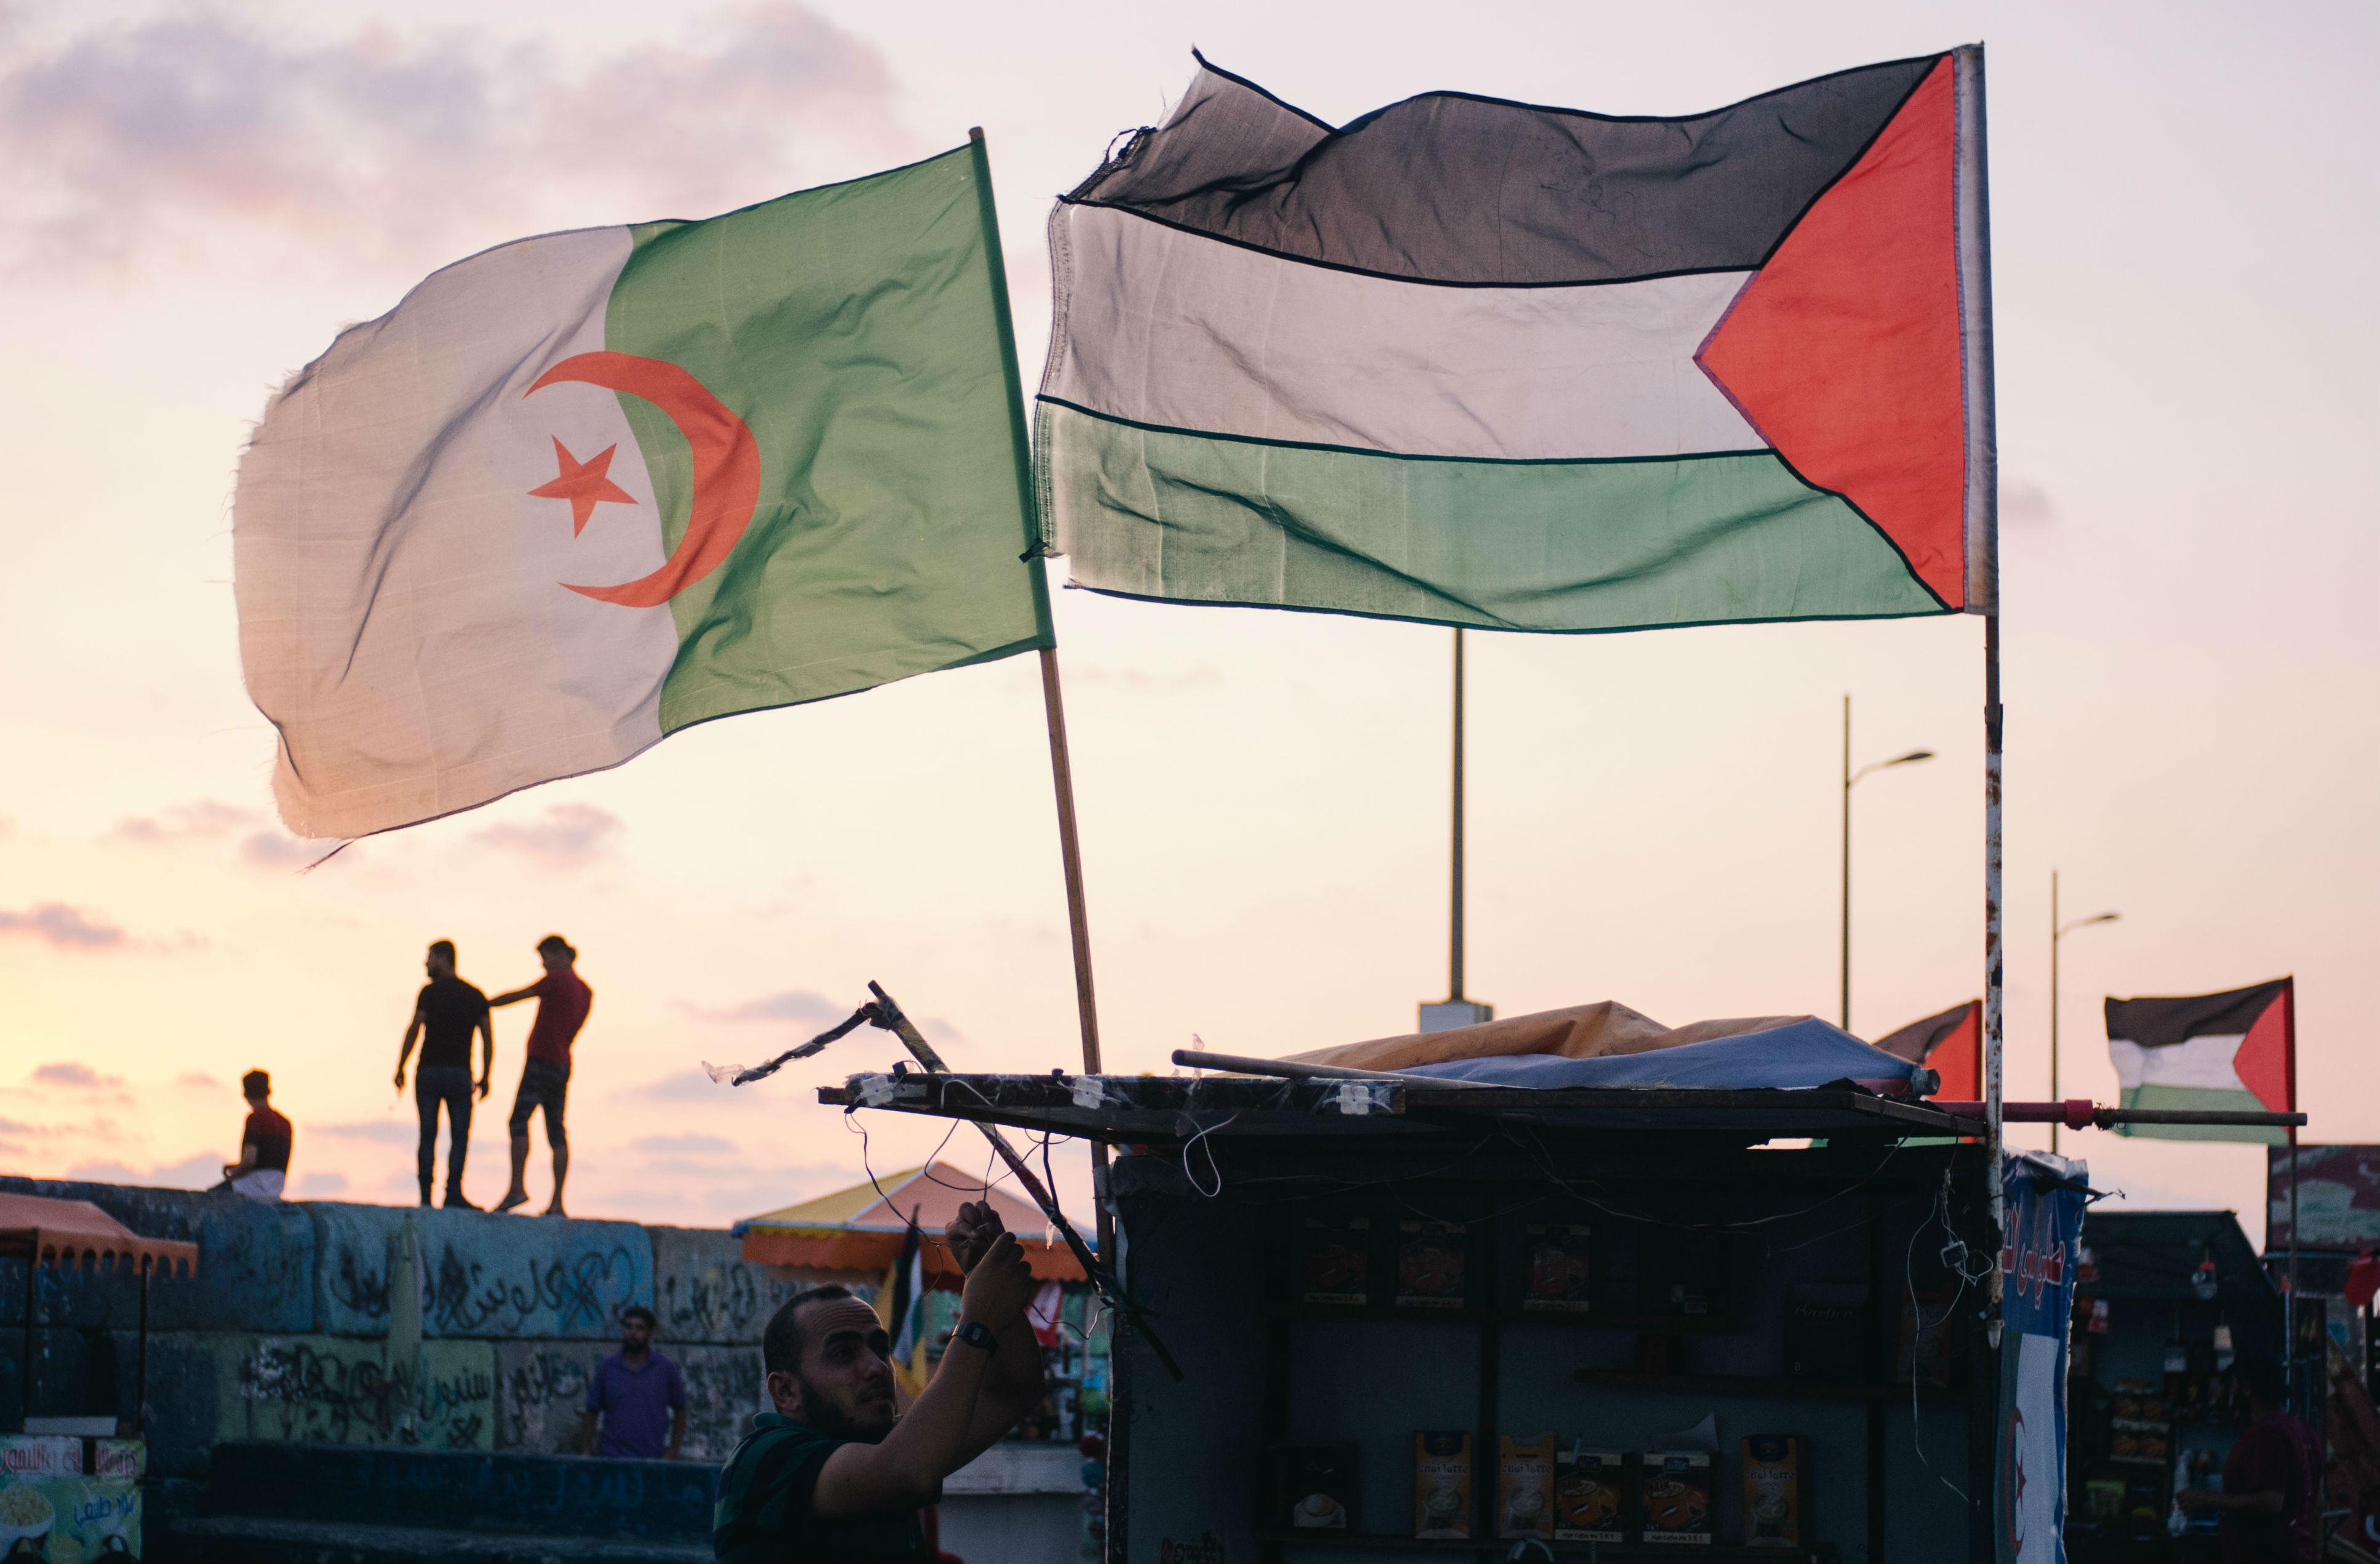 الجزائري هو الفلسطيني القديم!